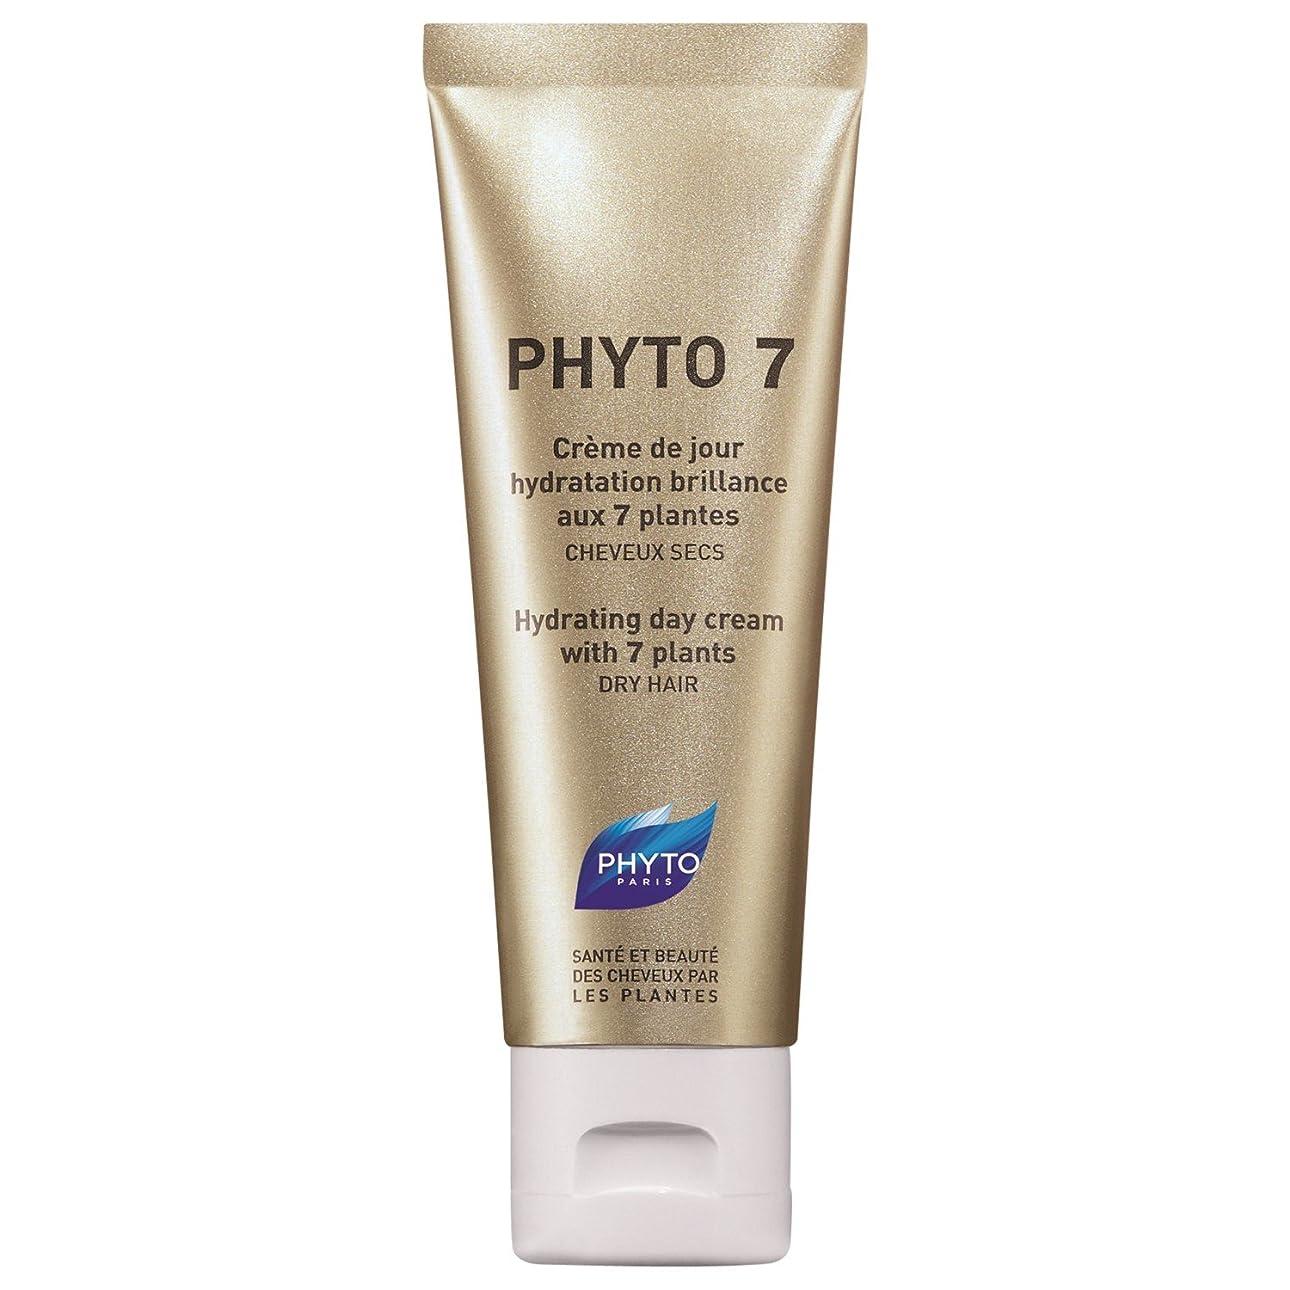 くクモテスピアンフィト7水和デイクリーム50ミリリットル (Phyto) (x2) - Phyto 7 Hydrating Day Cream 50ml (Pack of 2) [並行輸入品]